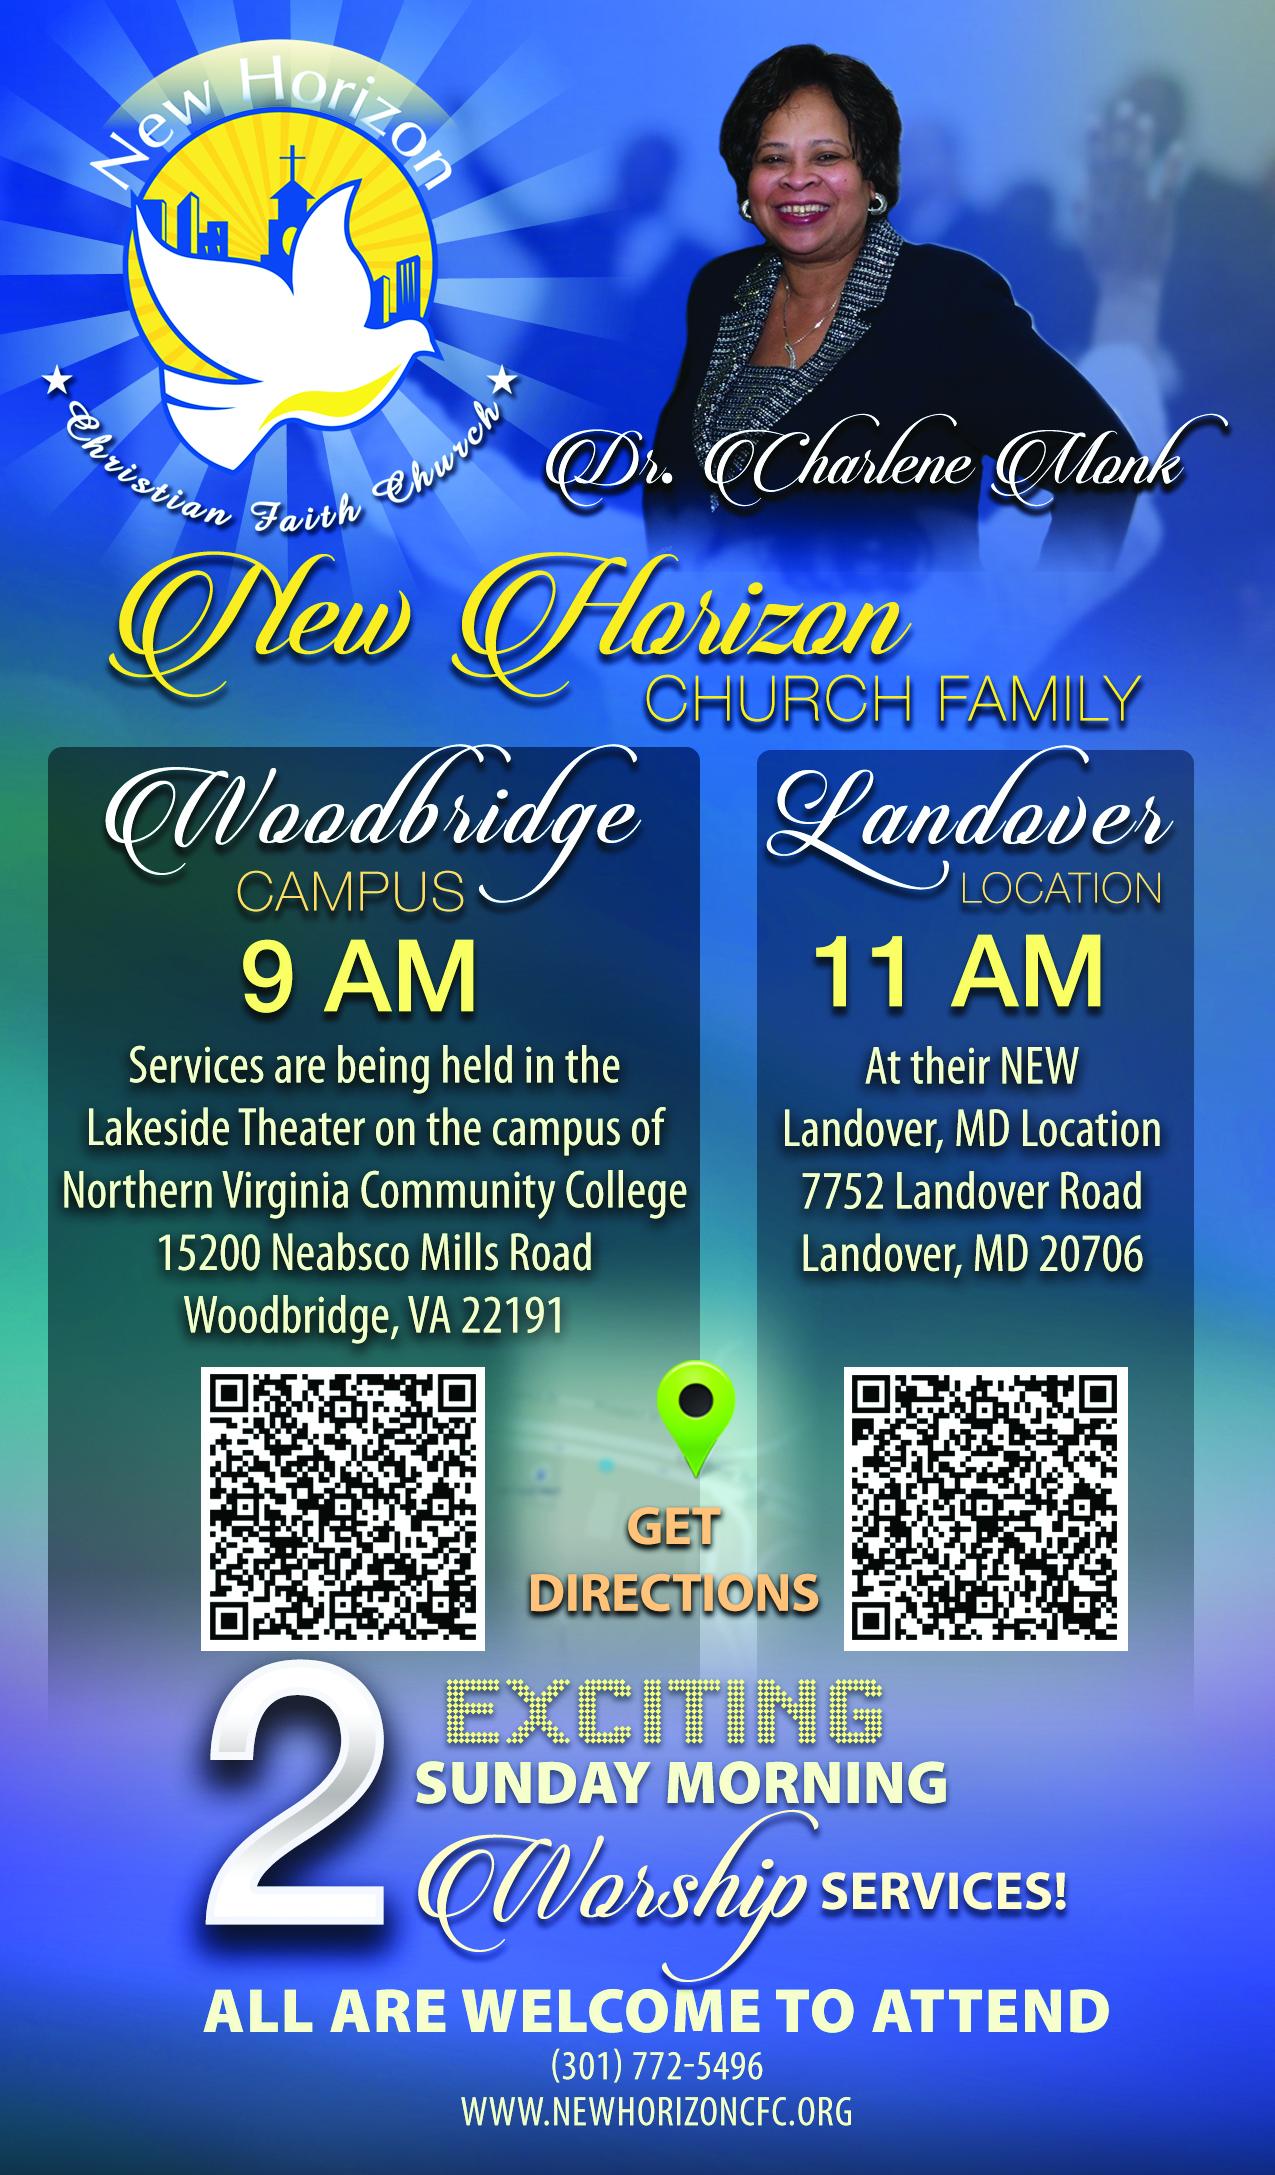 New Horizon Christian Faith Church with Dr. Charlene Monk